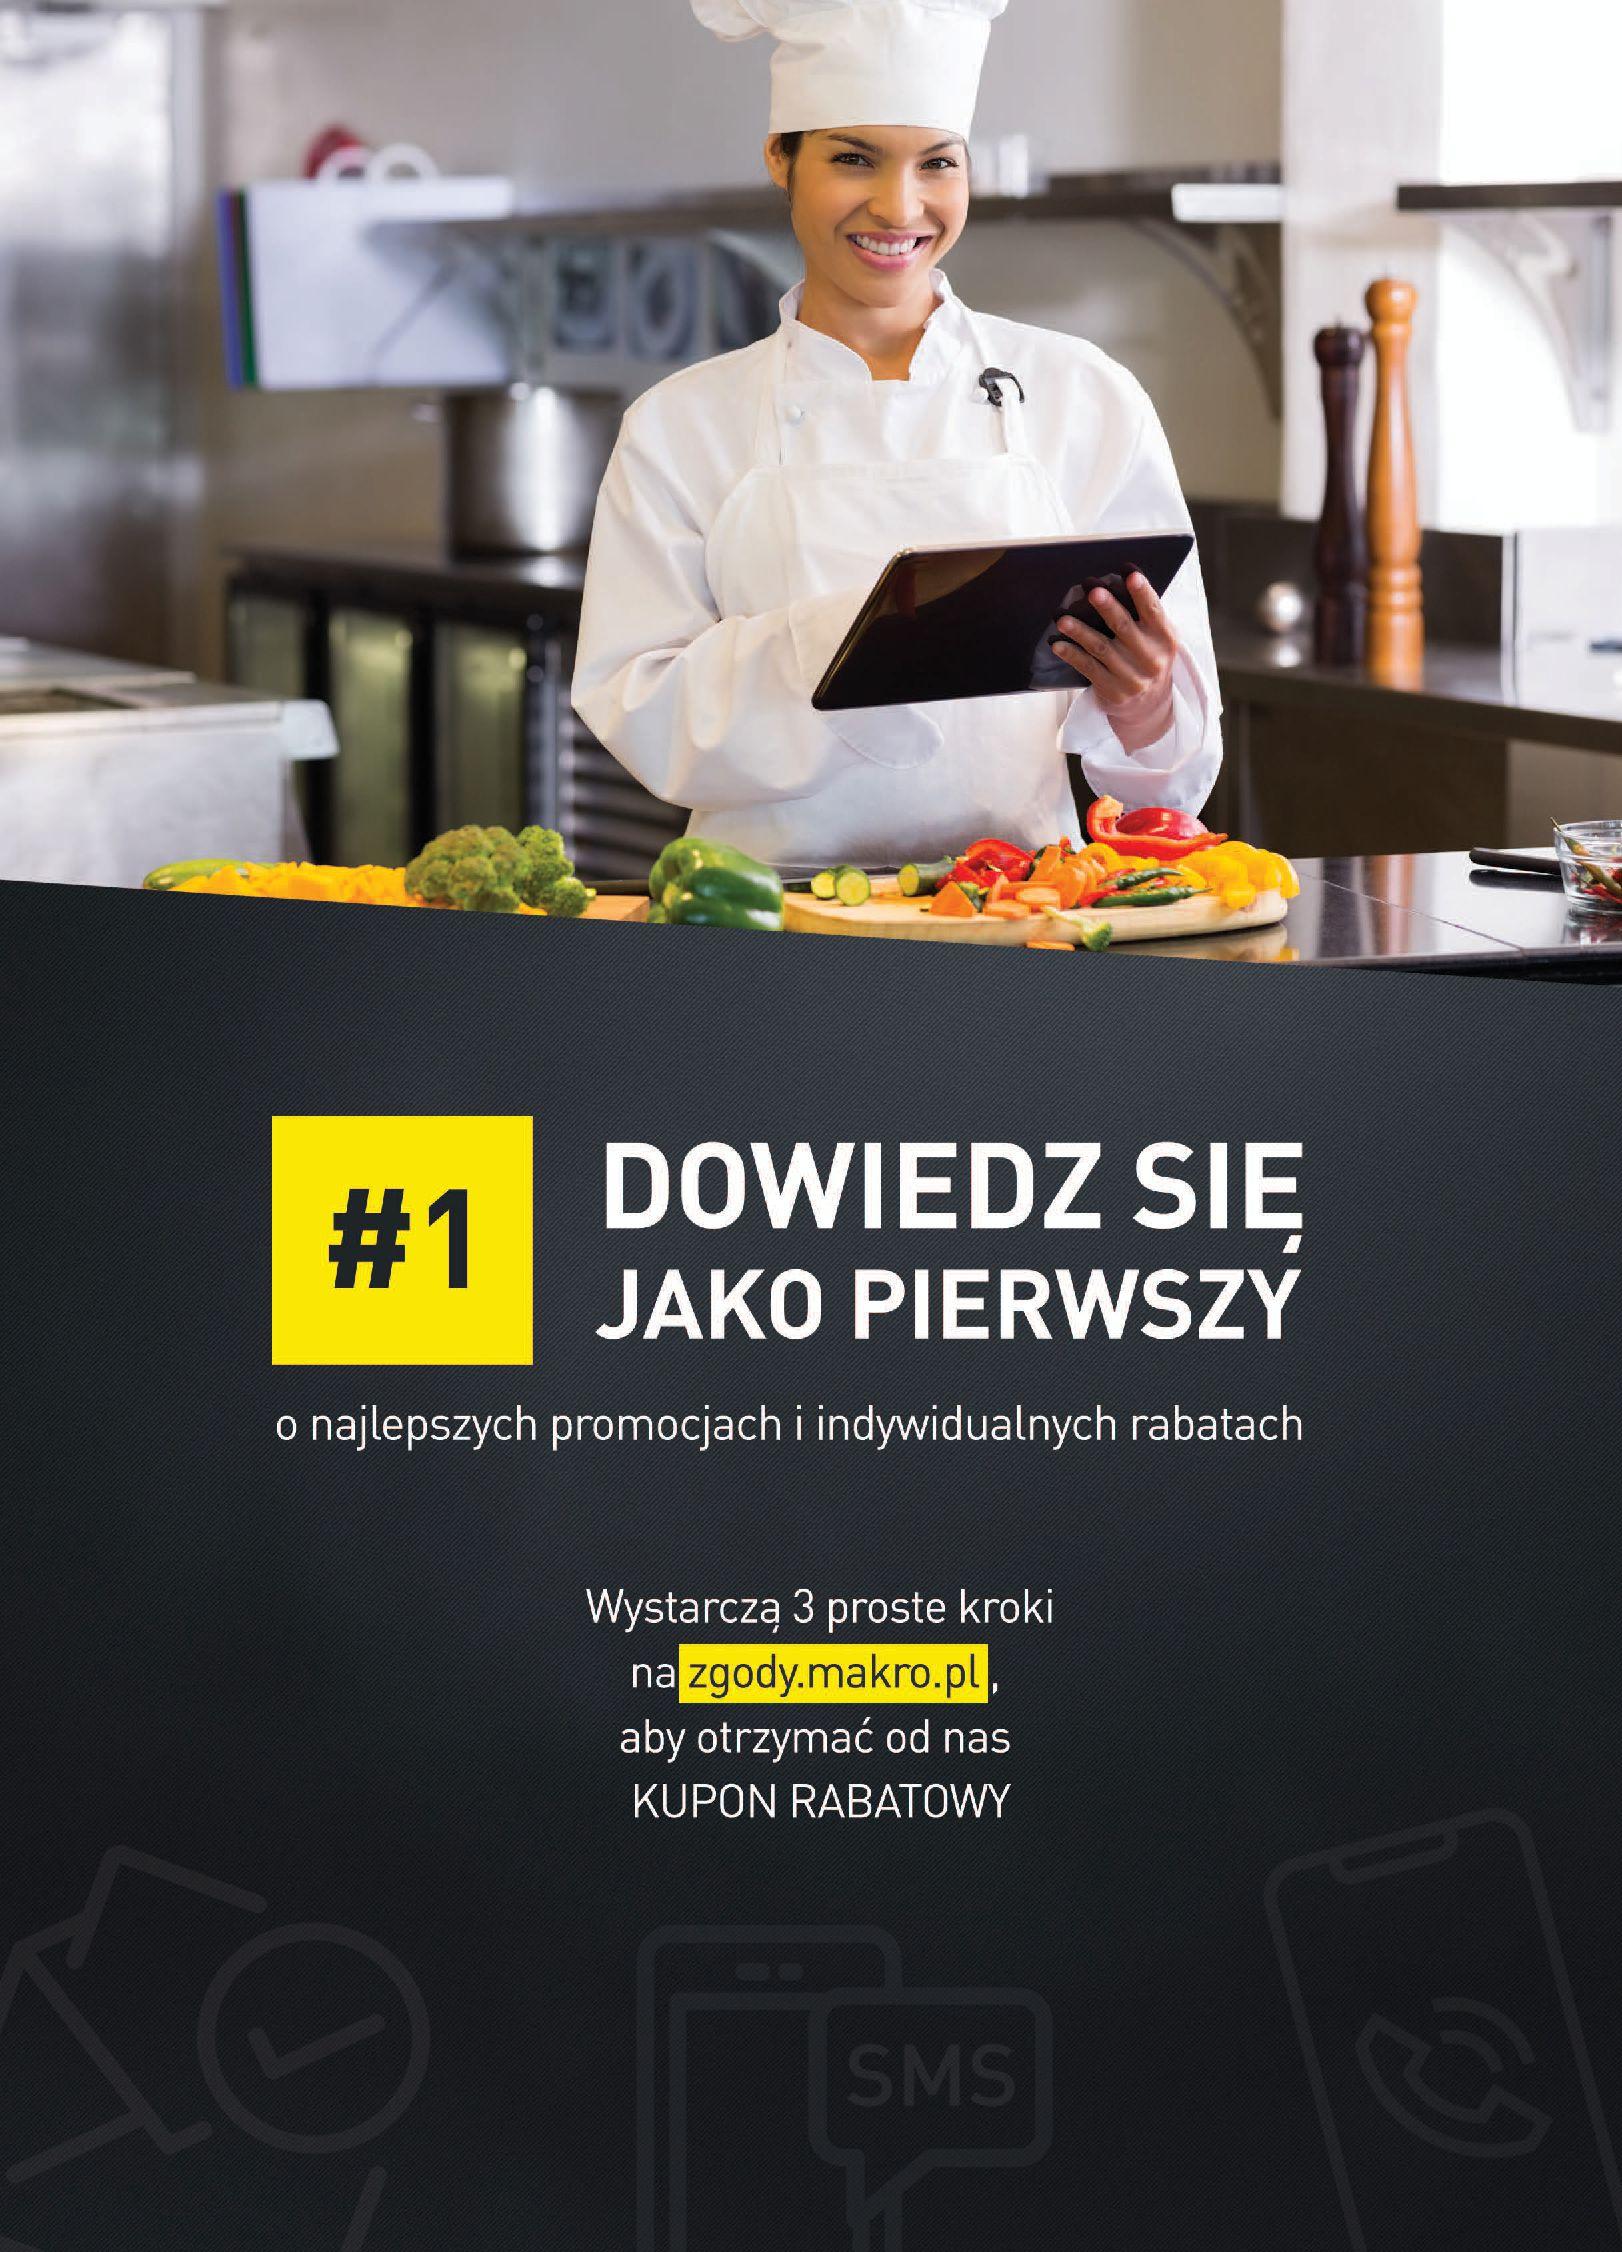 Gazetka Makro - Artykuły przemysłowe-23.09.2019-07.11.2019-page-